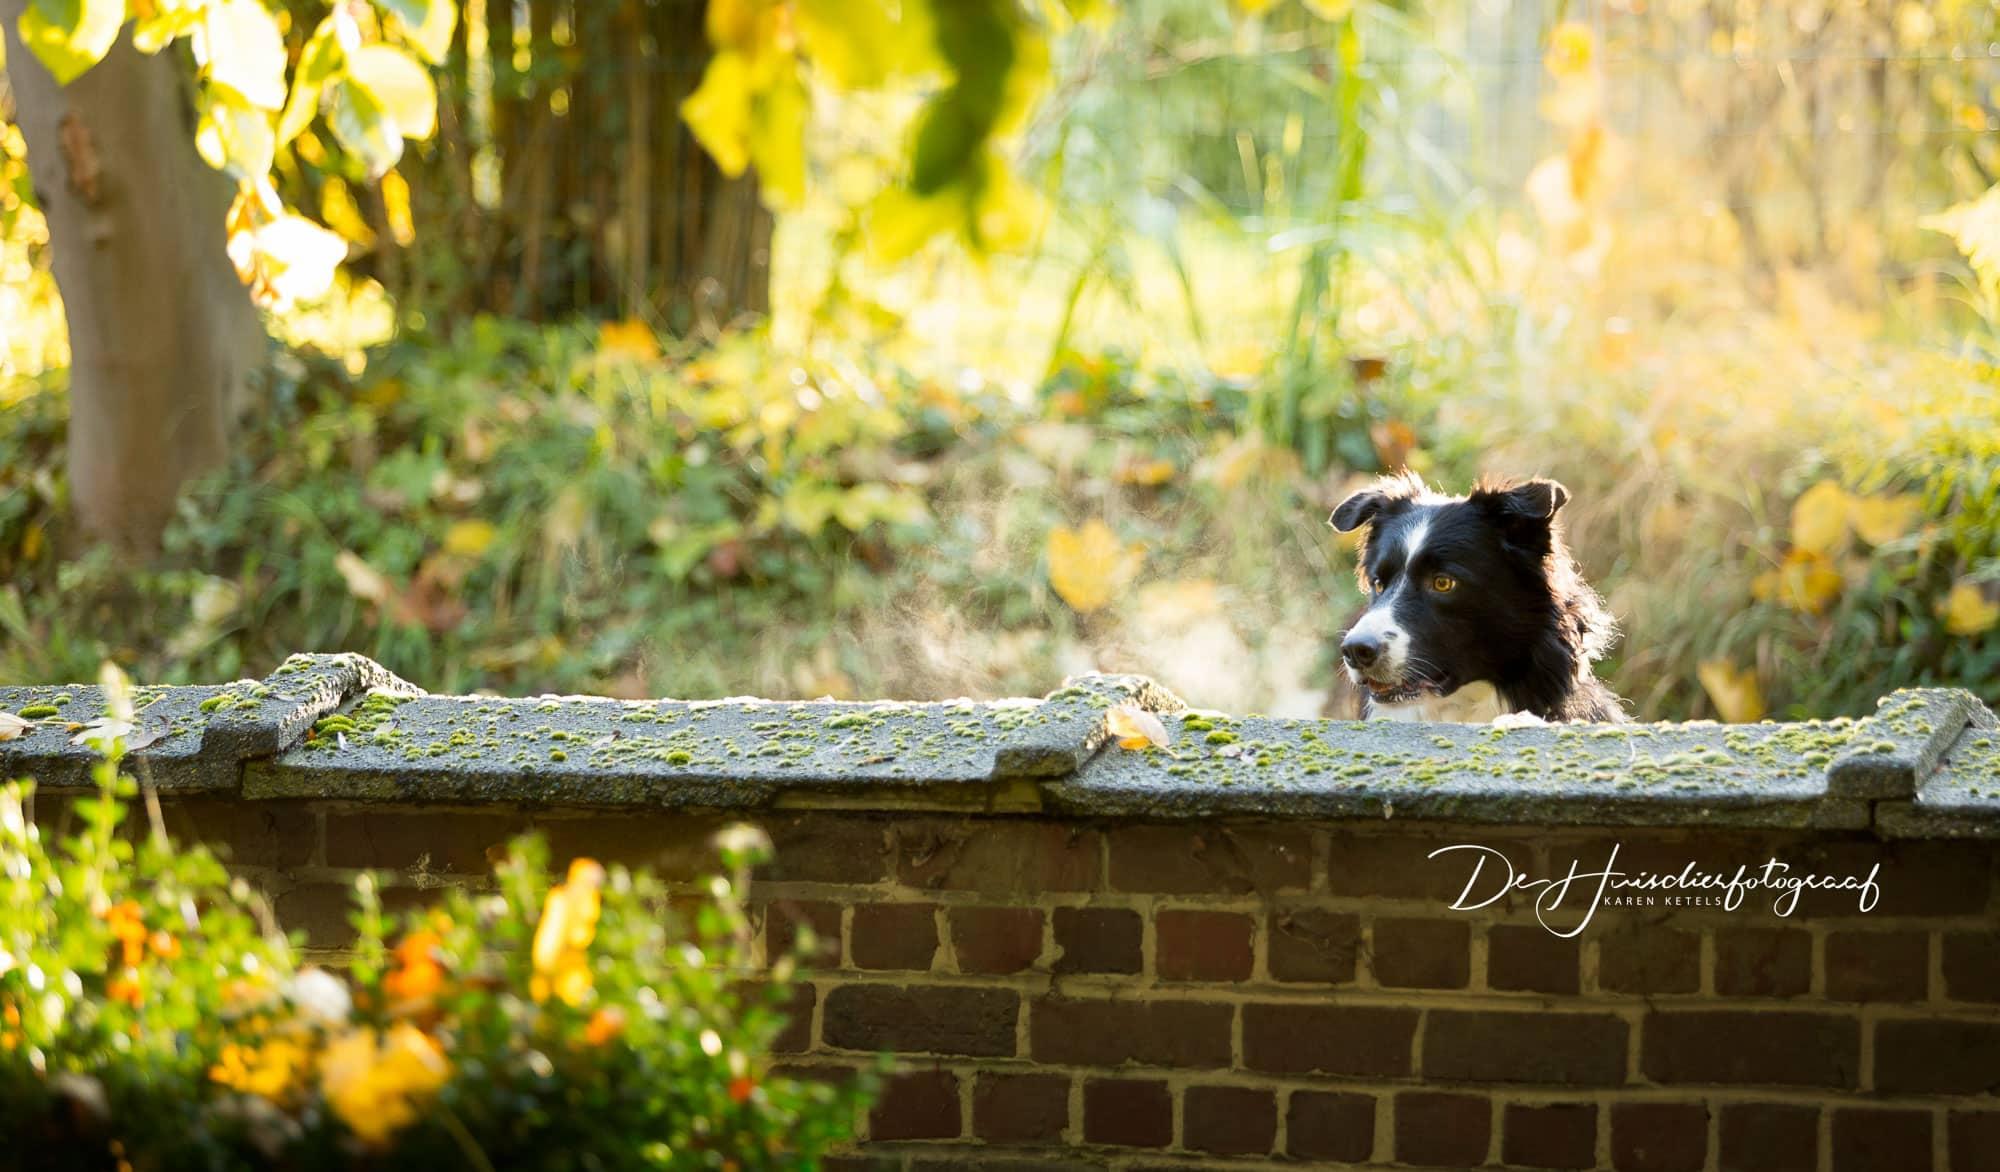 Border collie kijkt over een stenen muurtje, zijn oortjes gespitst. Portret door De huisdierfotograaf Karen Ketels